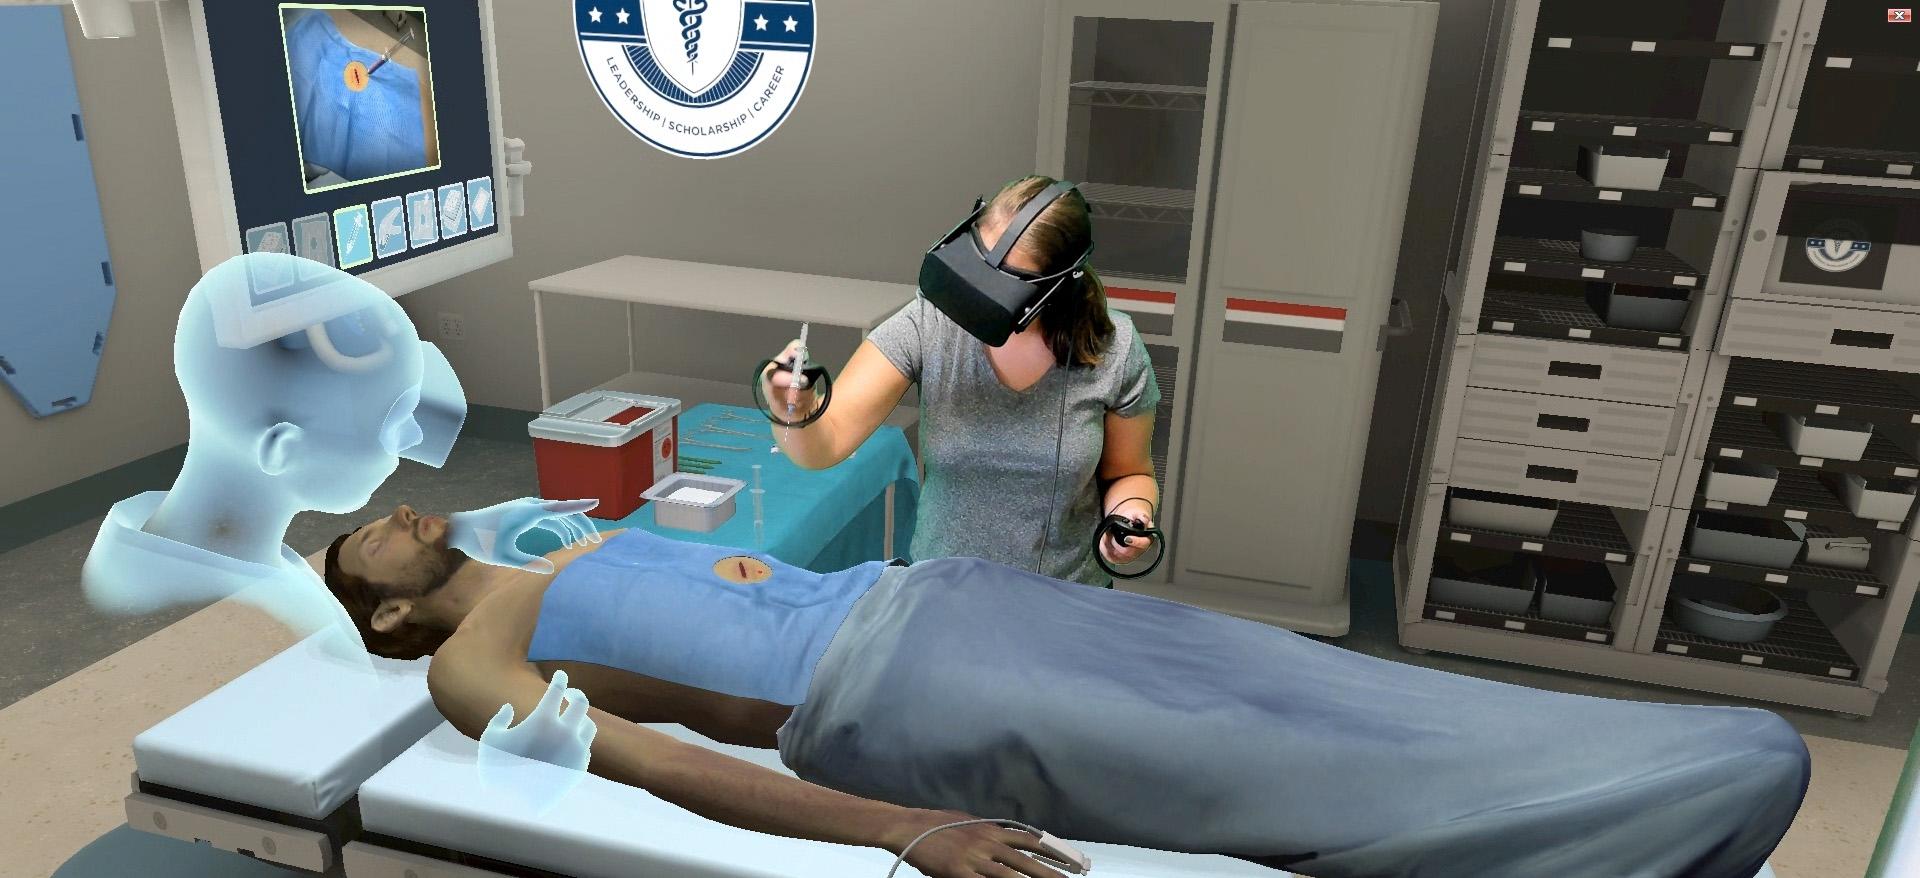 vr medical training arch virtual